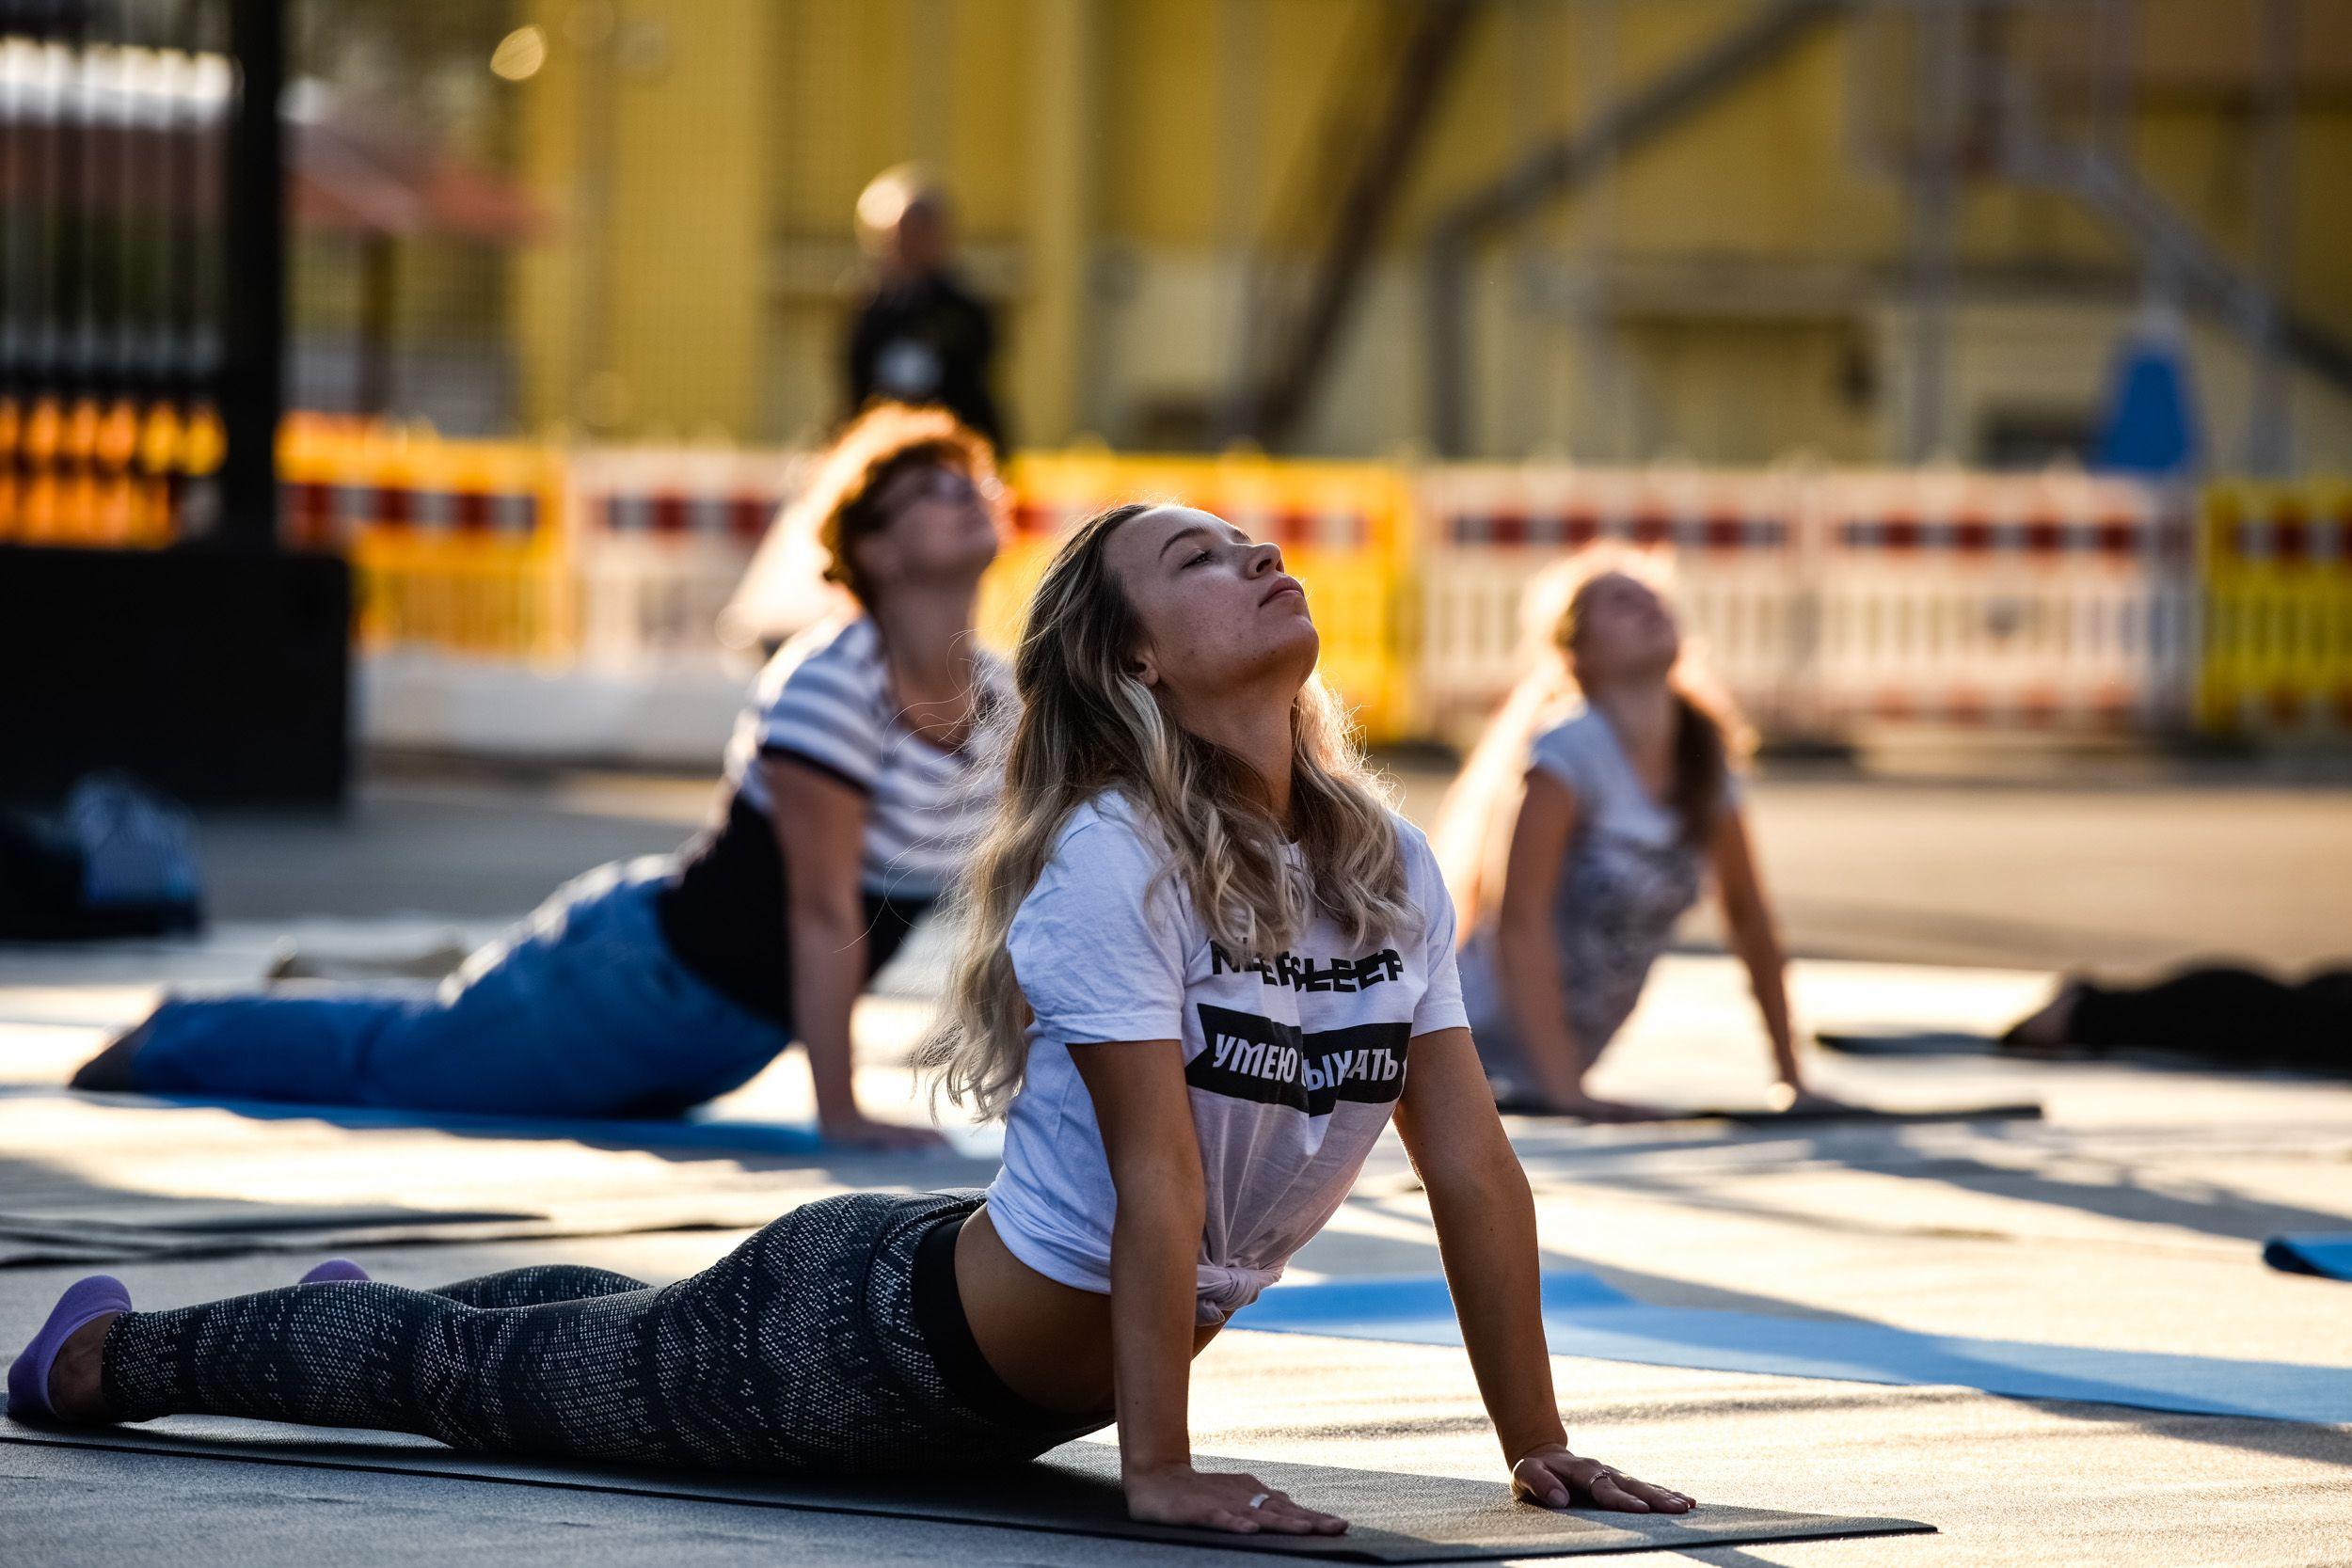 Москвичей пригласили на краудсорсинг-проект «Город спорта»